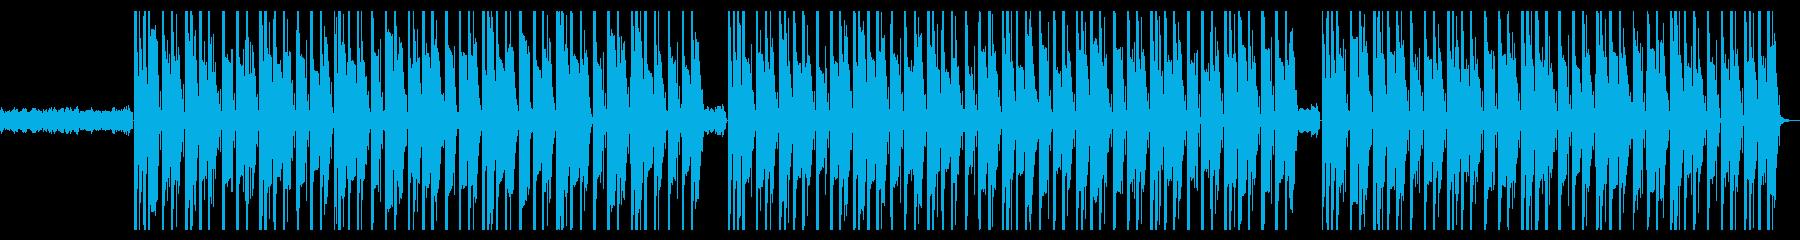 ダーク、ハード、ギター、ヒップホップの再生済みの波形